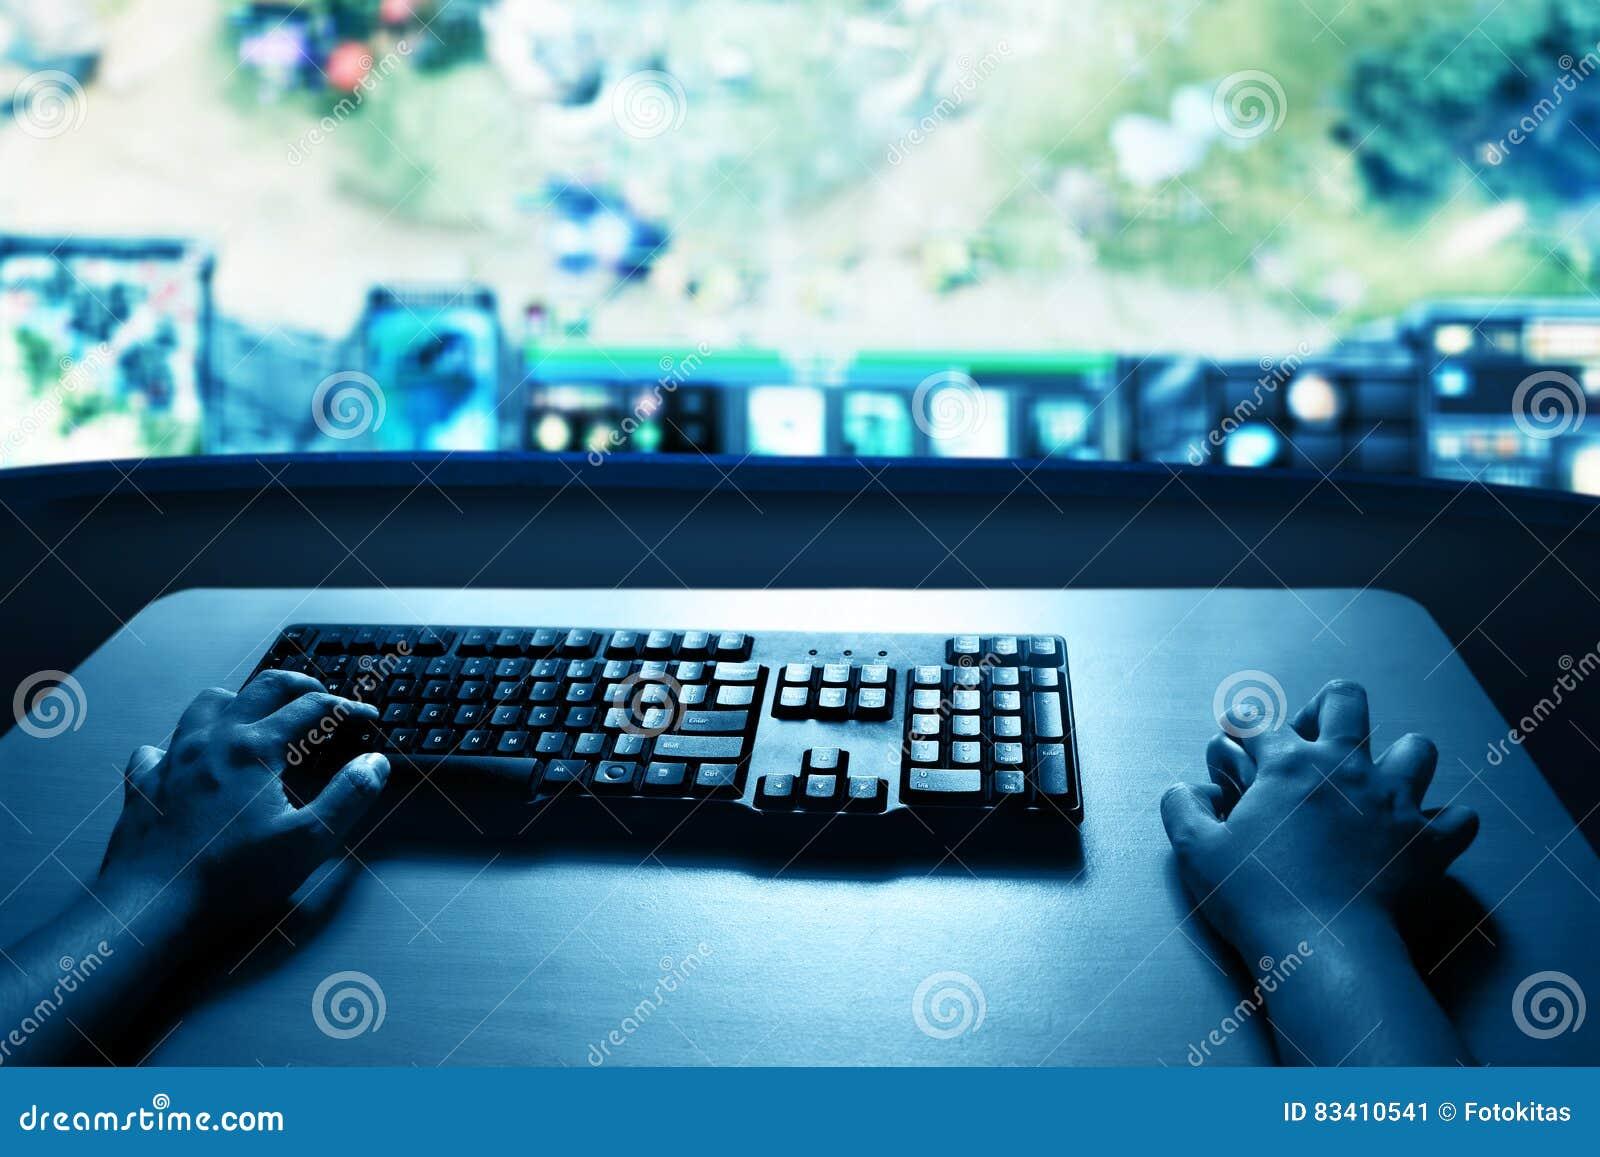 Παίζοντας παιχνίδια στον υπολογιστή ατόμων